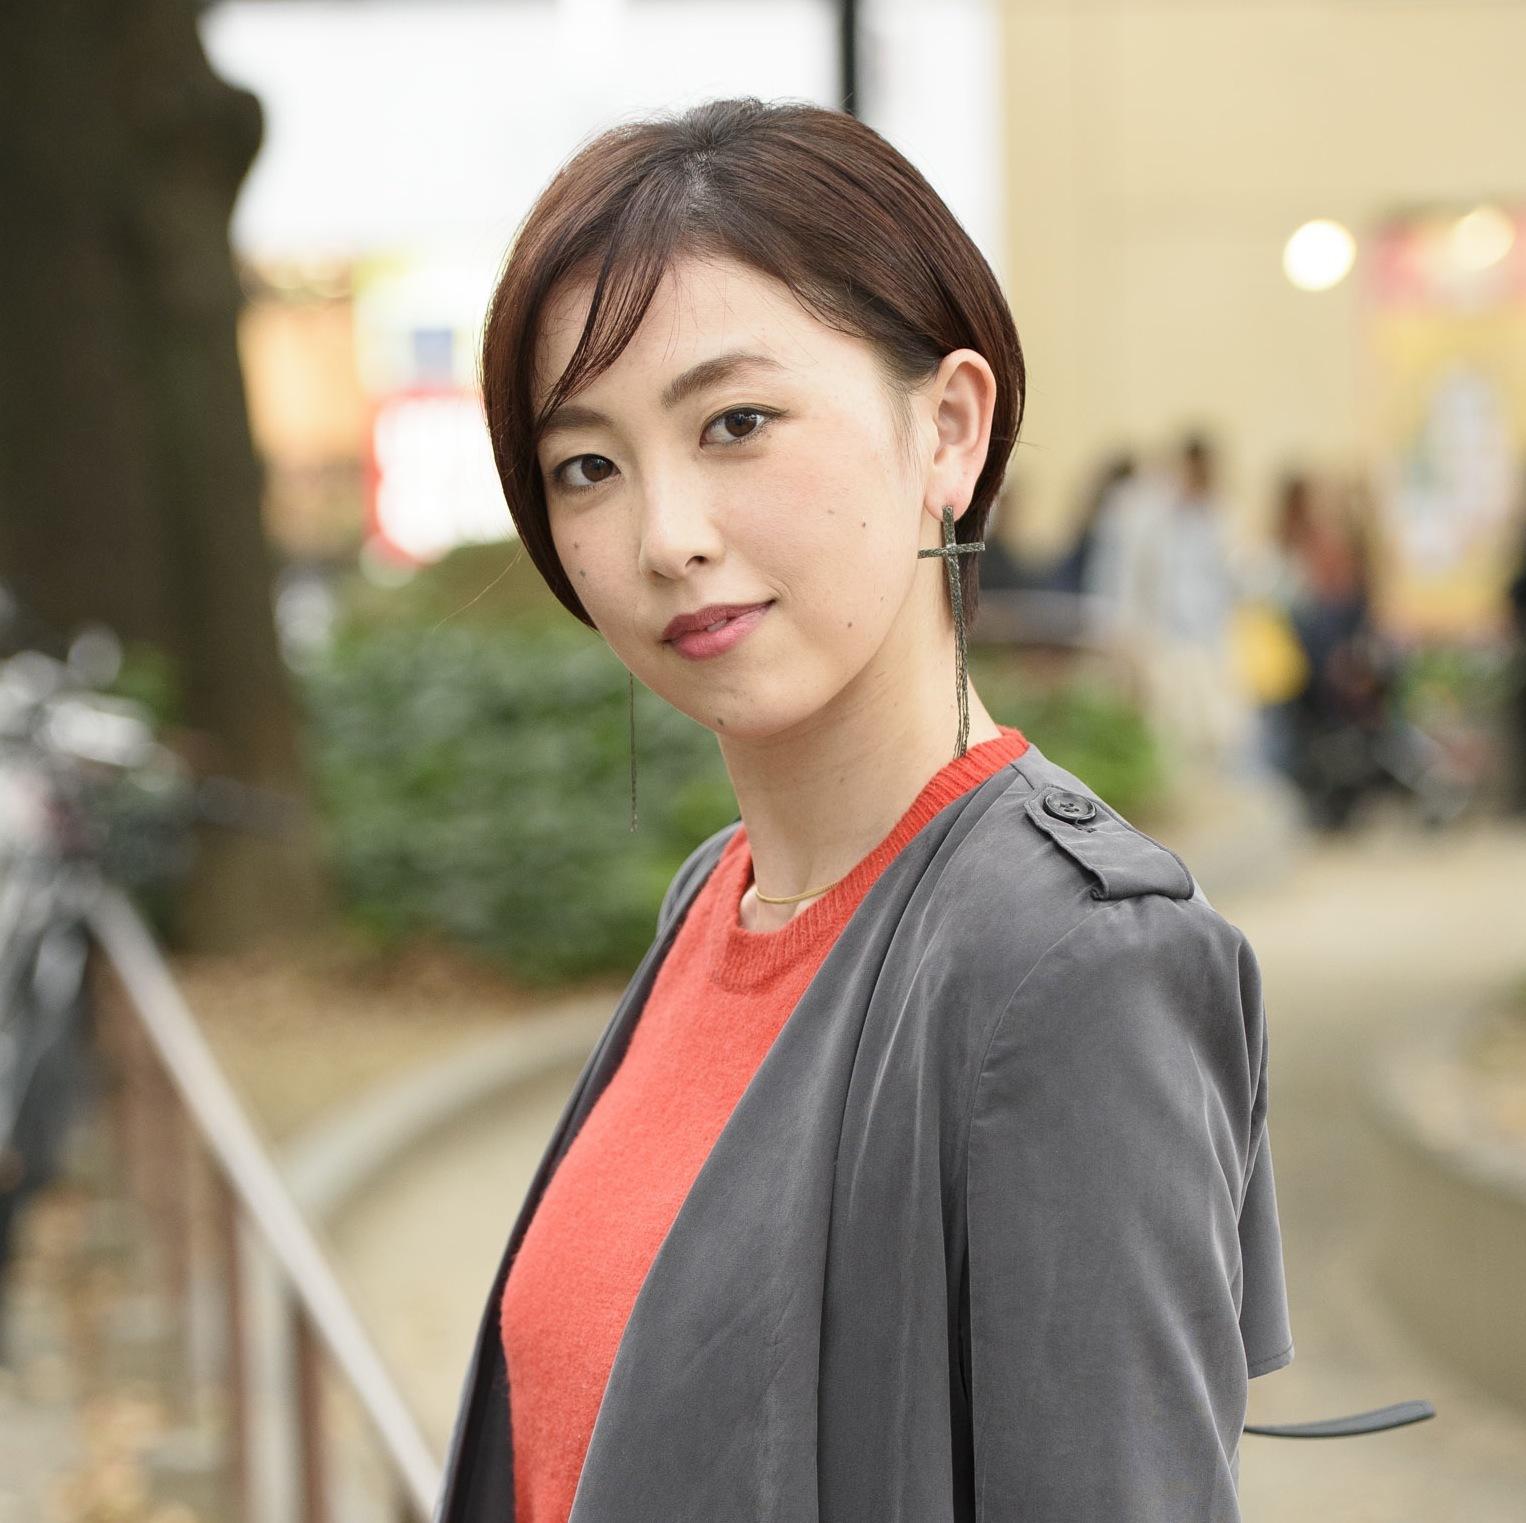 【女子SNAP】SJ美女図鑑<br />大人の色気が美しいショートカット名古屋美人<br />井上麻美さん・主婦